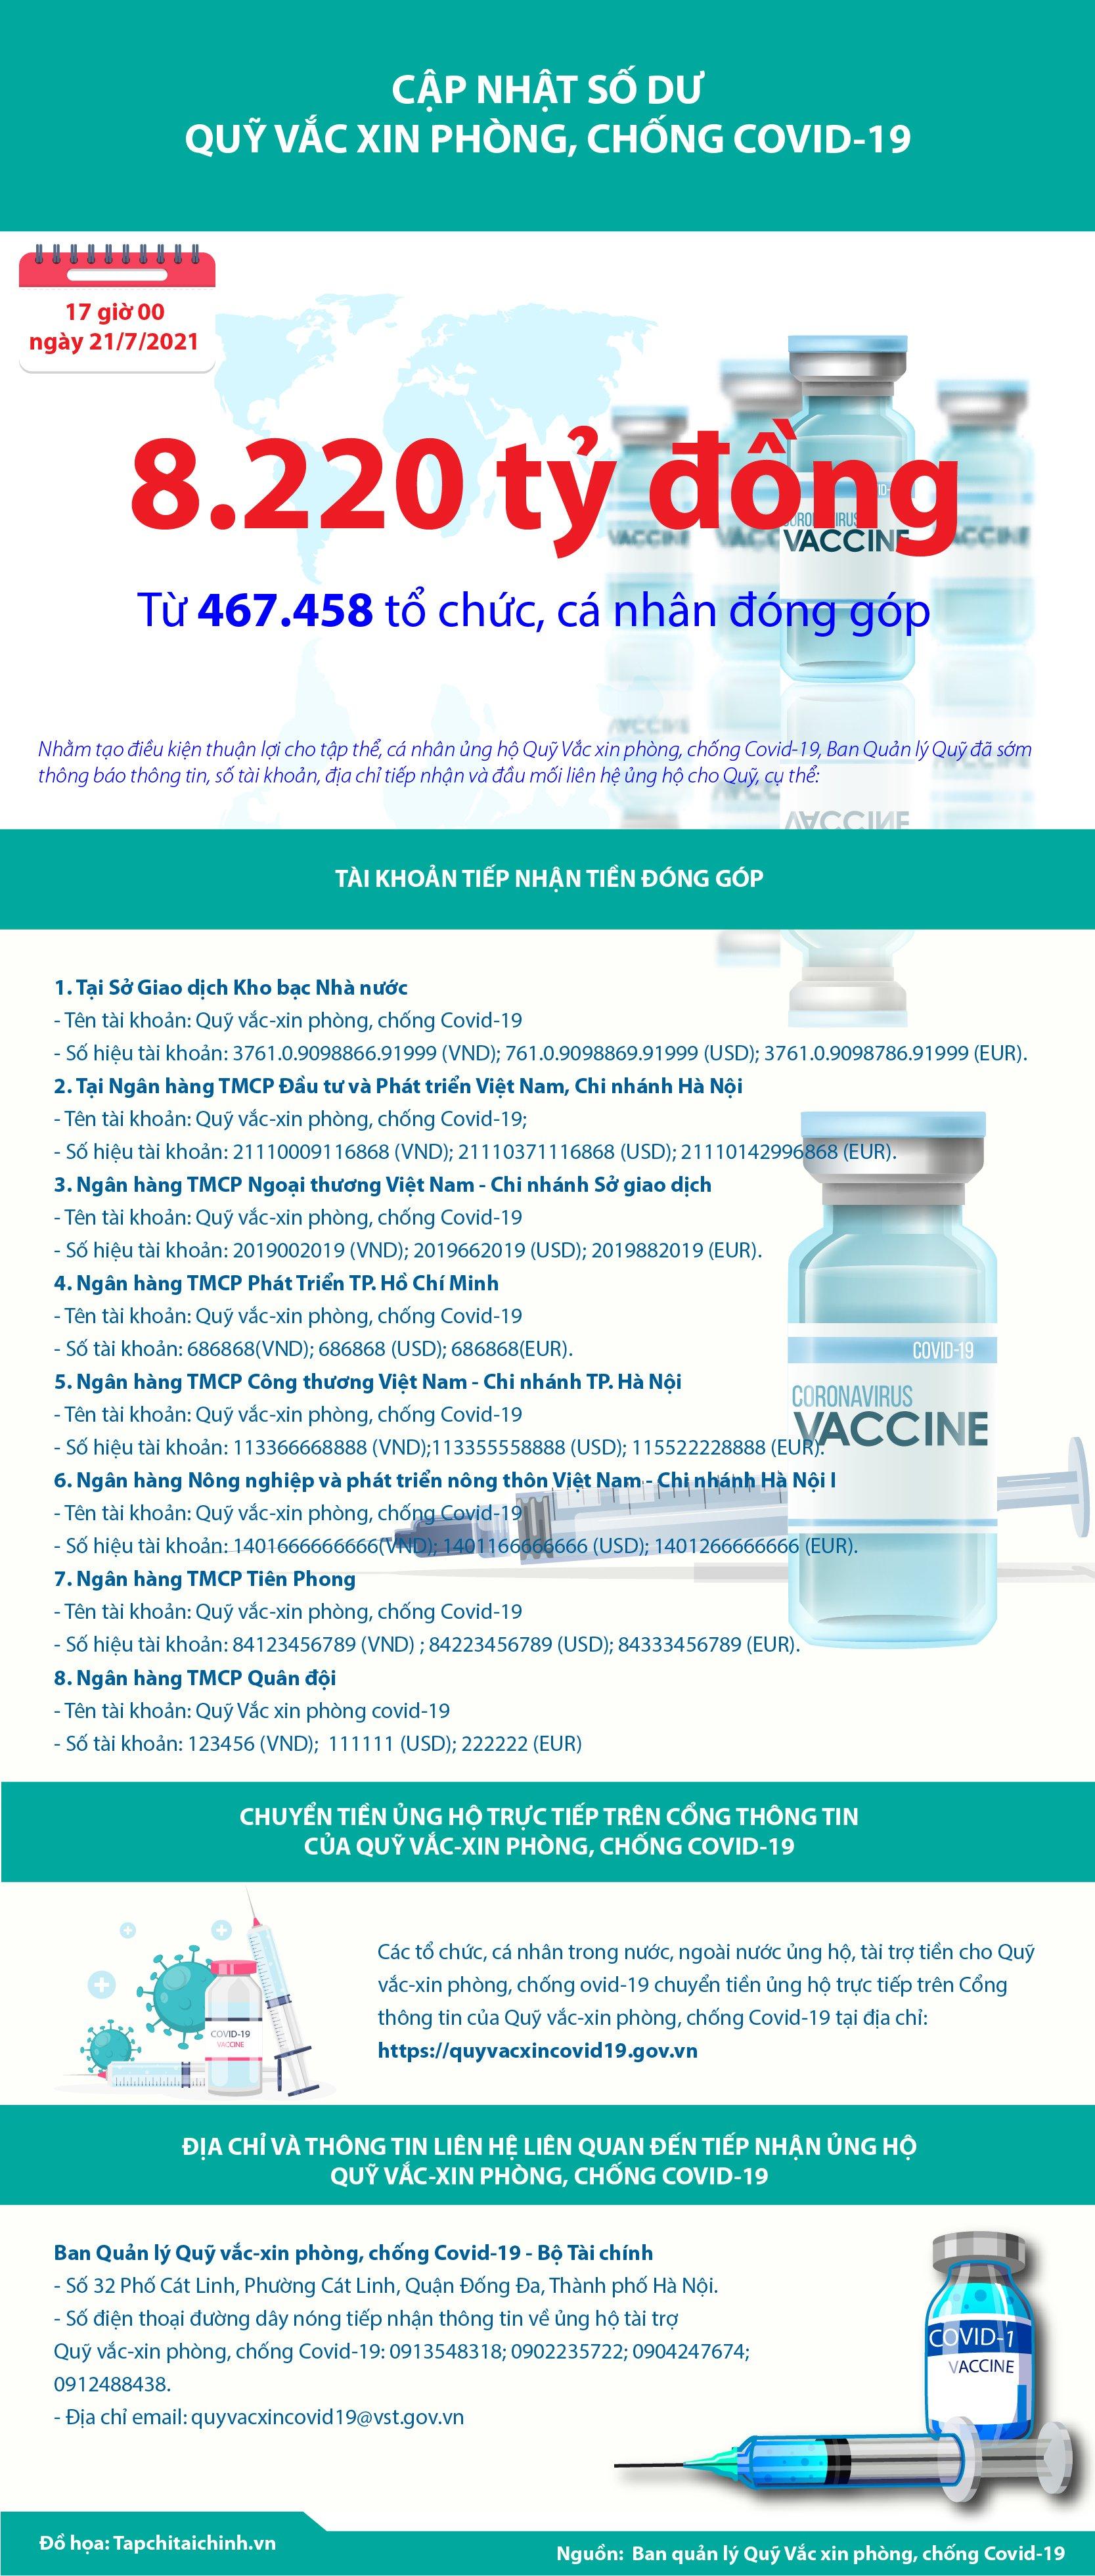 [Infographics] Quỹ Vắc xin phòng, chống Covid-19 đã tiếp nhận ủng hộ 8.220 tỷ đồng - Ảnh 1